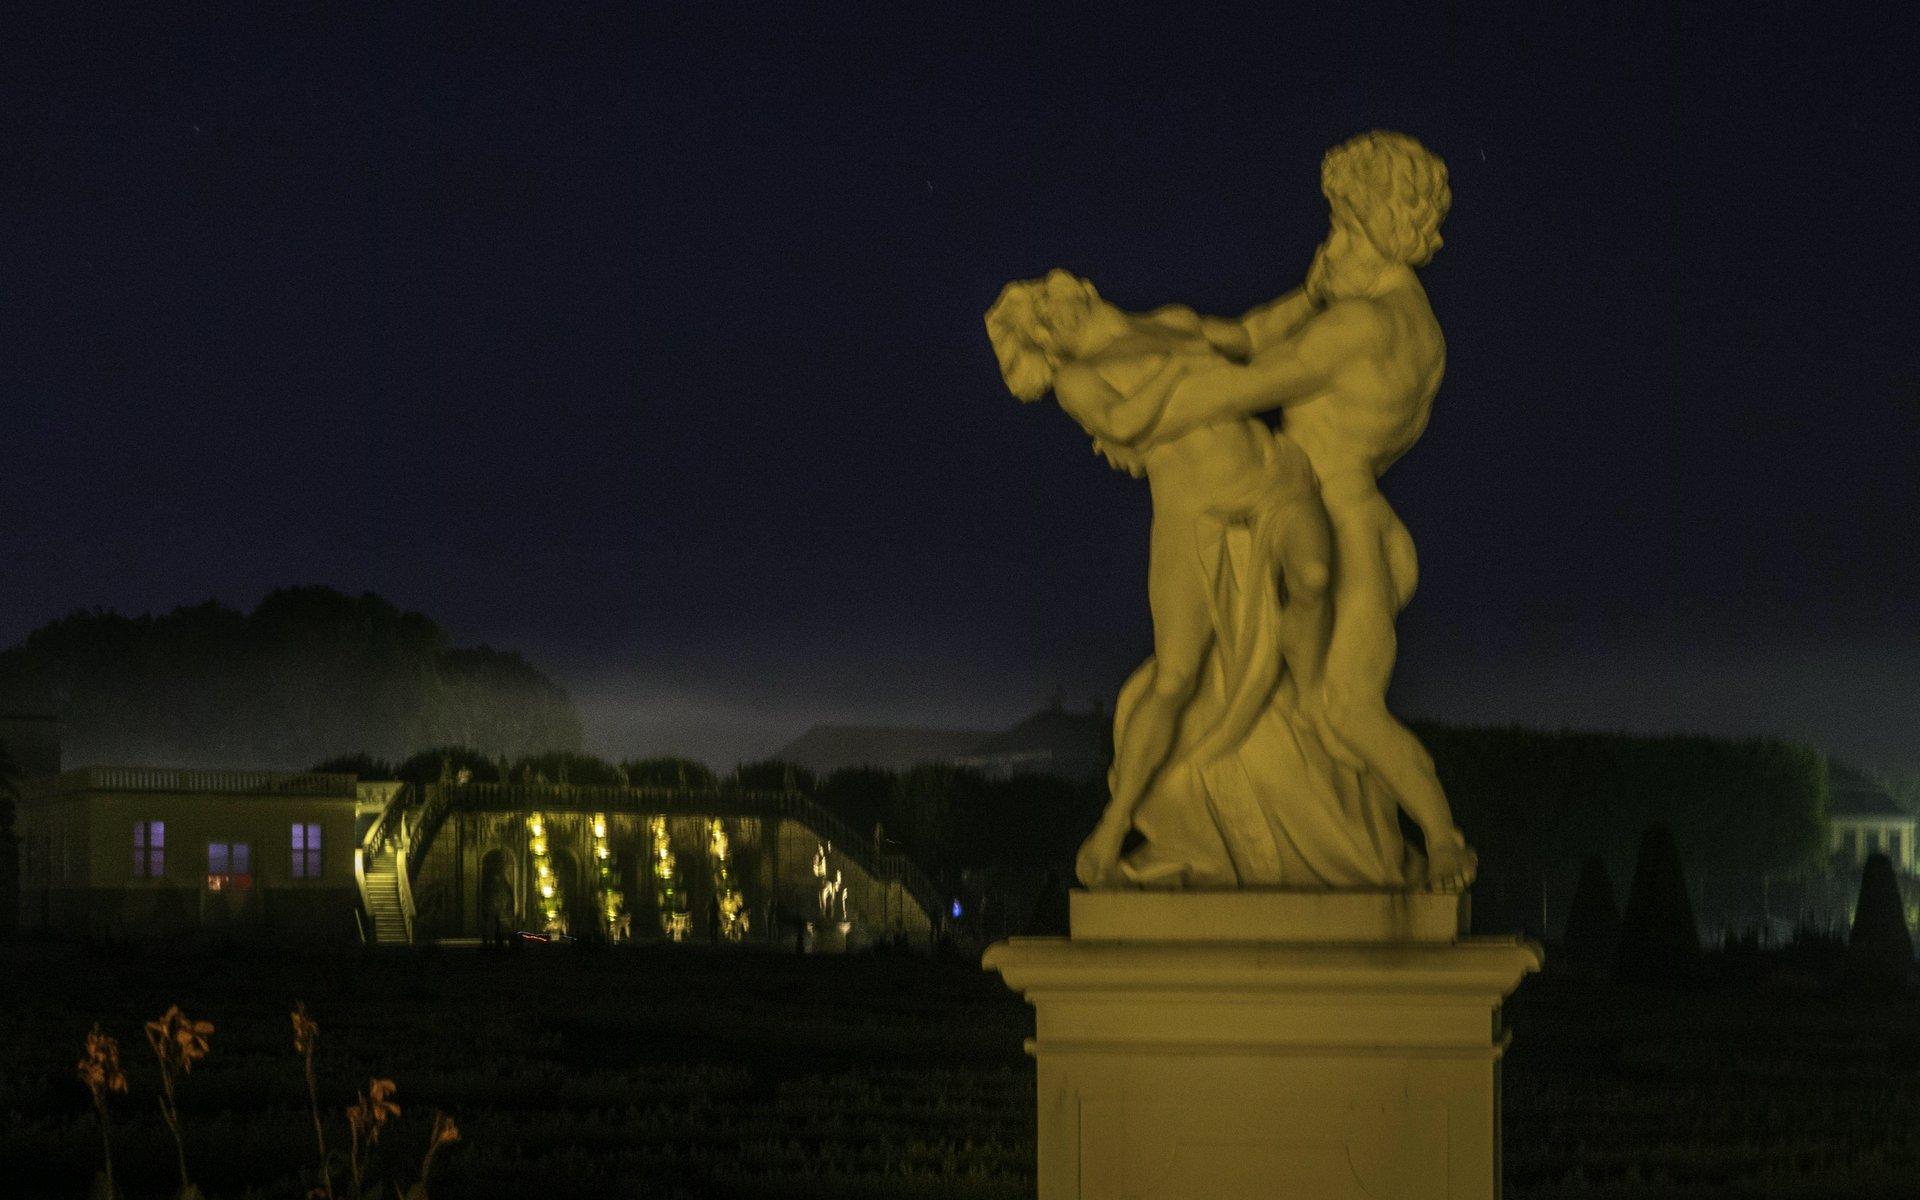 Pluto und Proserpina im Parterre des Großen Gartens